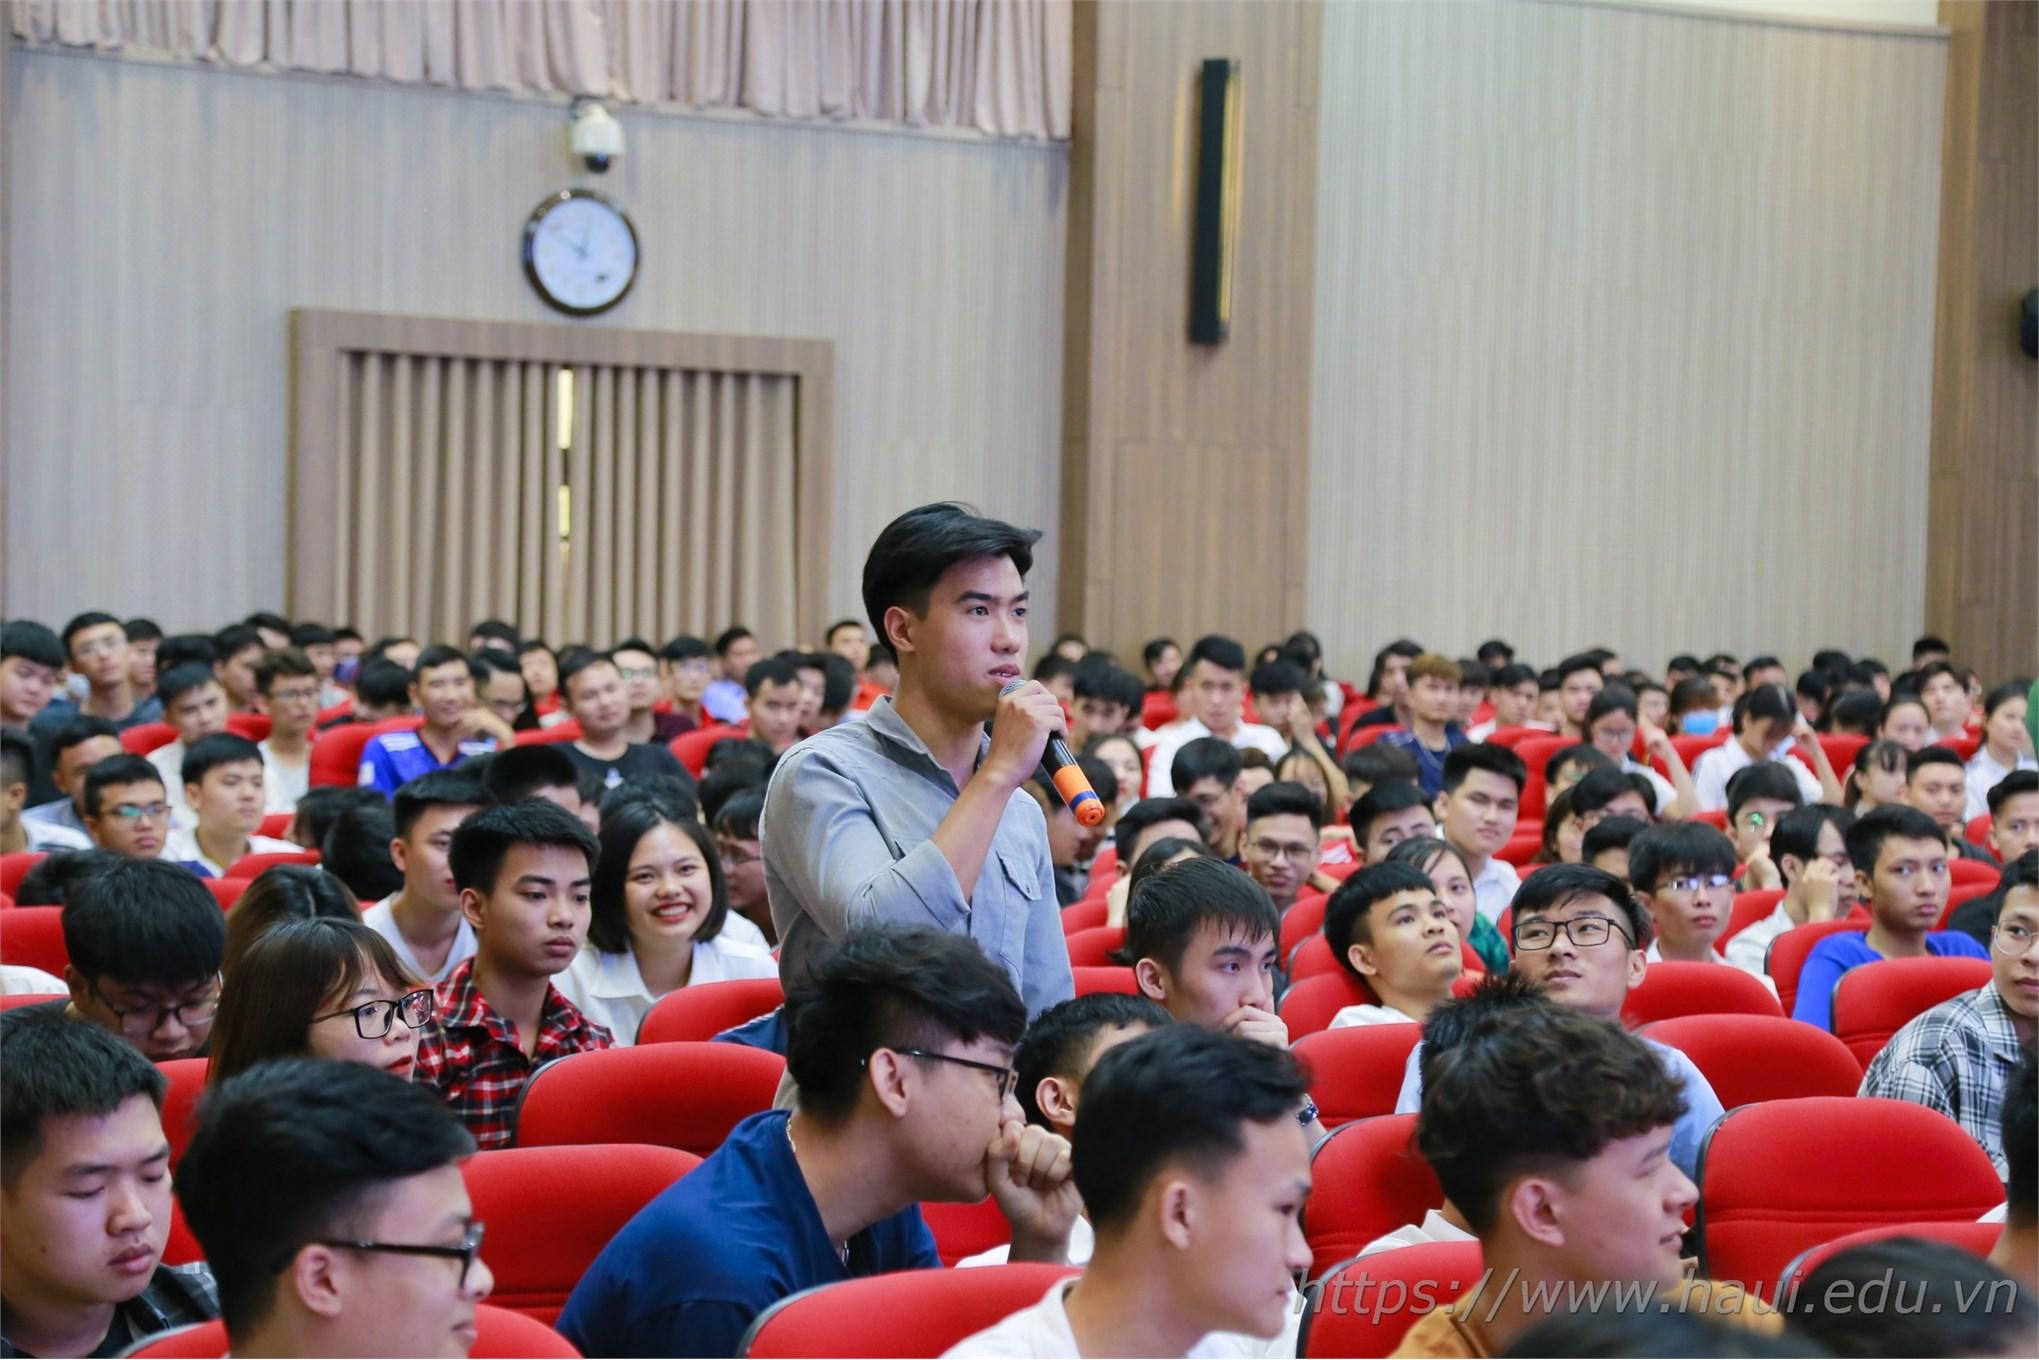 Tập huấn nghiên cứu khoa học cho sinh viên